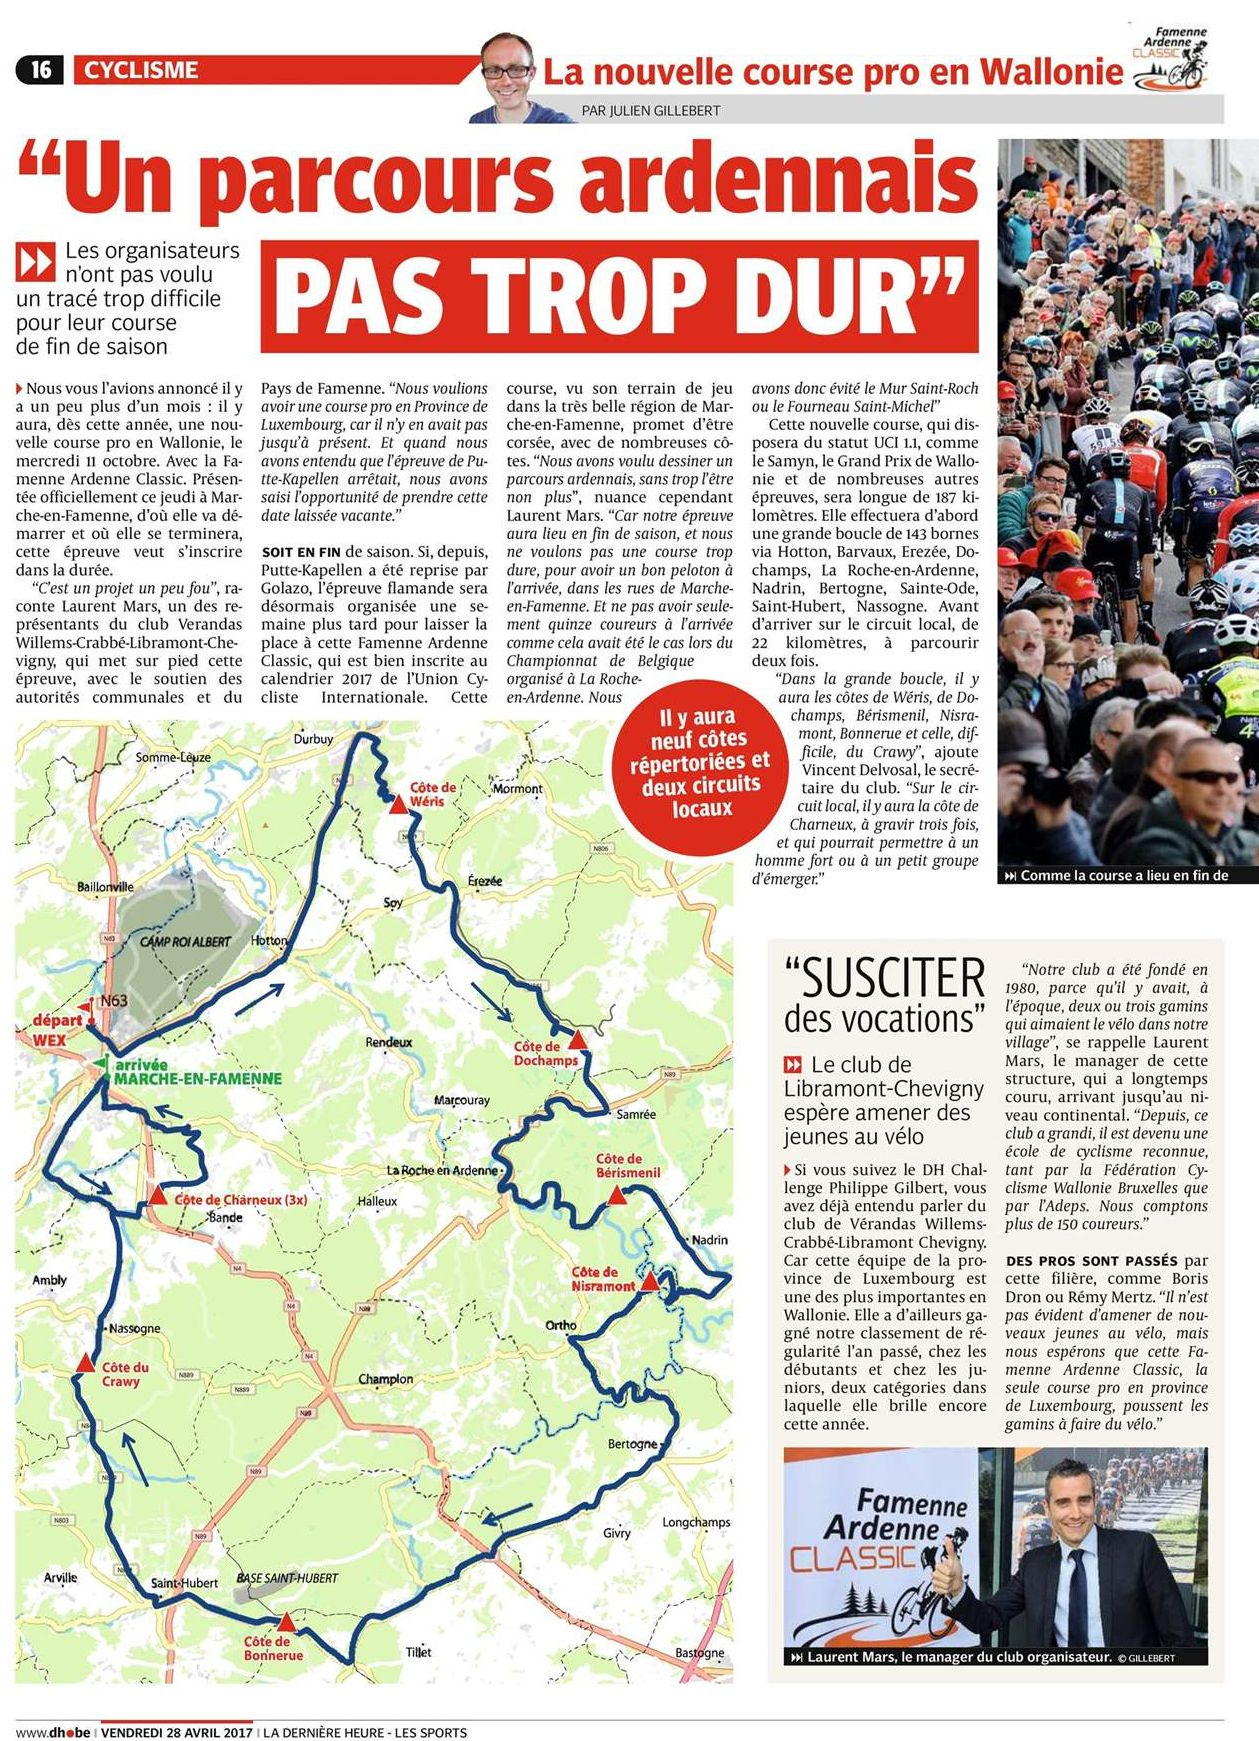 Revue de presse 28 04 17 famenne ardenne classic for Revue de www houseplans com